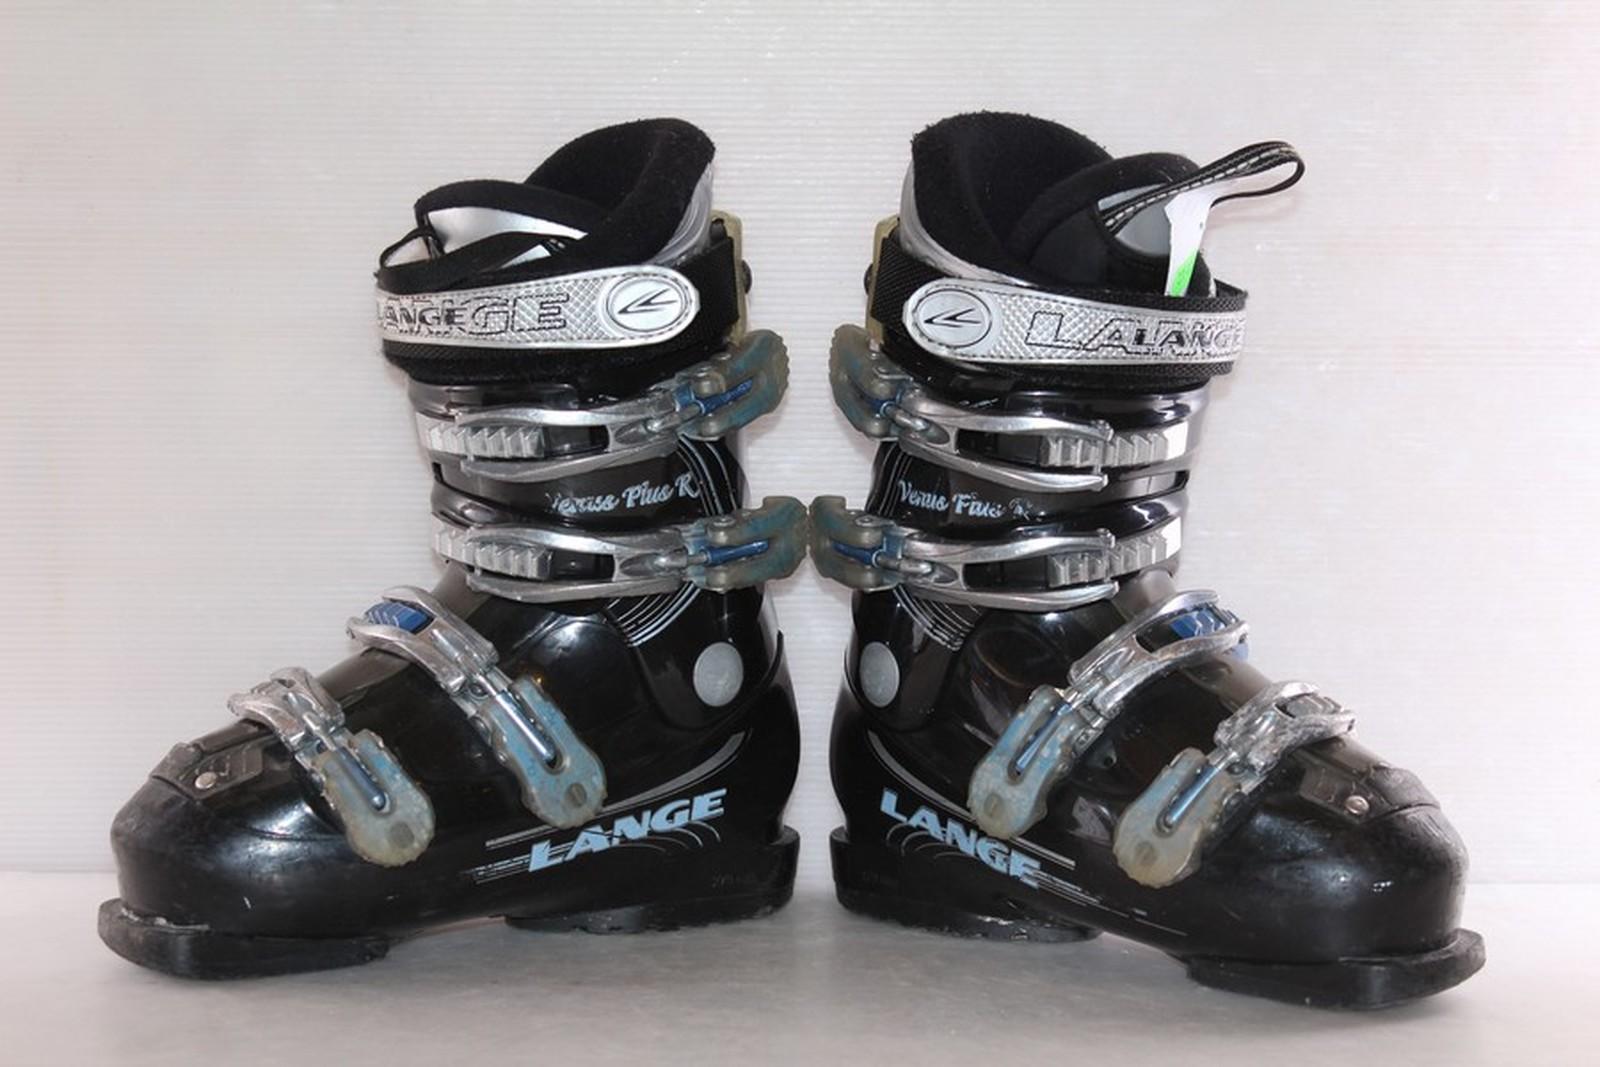 Dámské lyžáky Lange Venus plus R vel. EU37